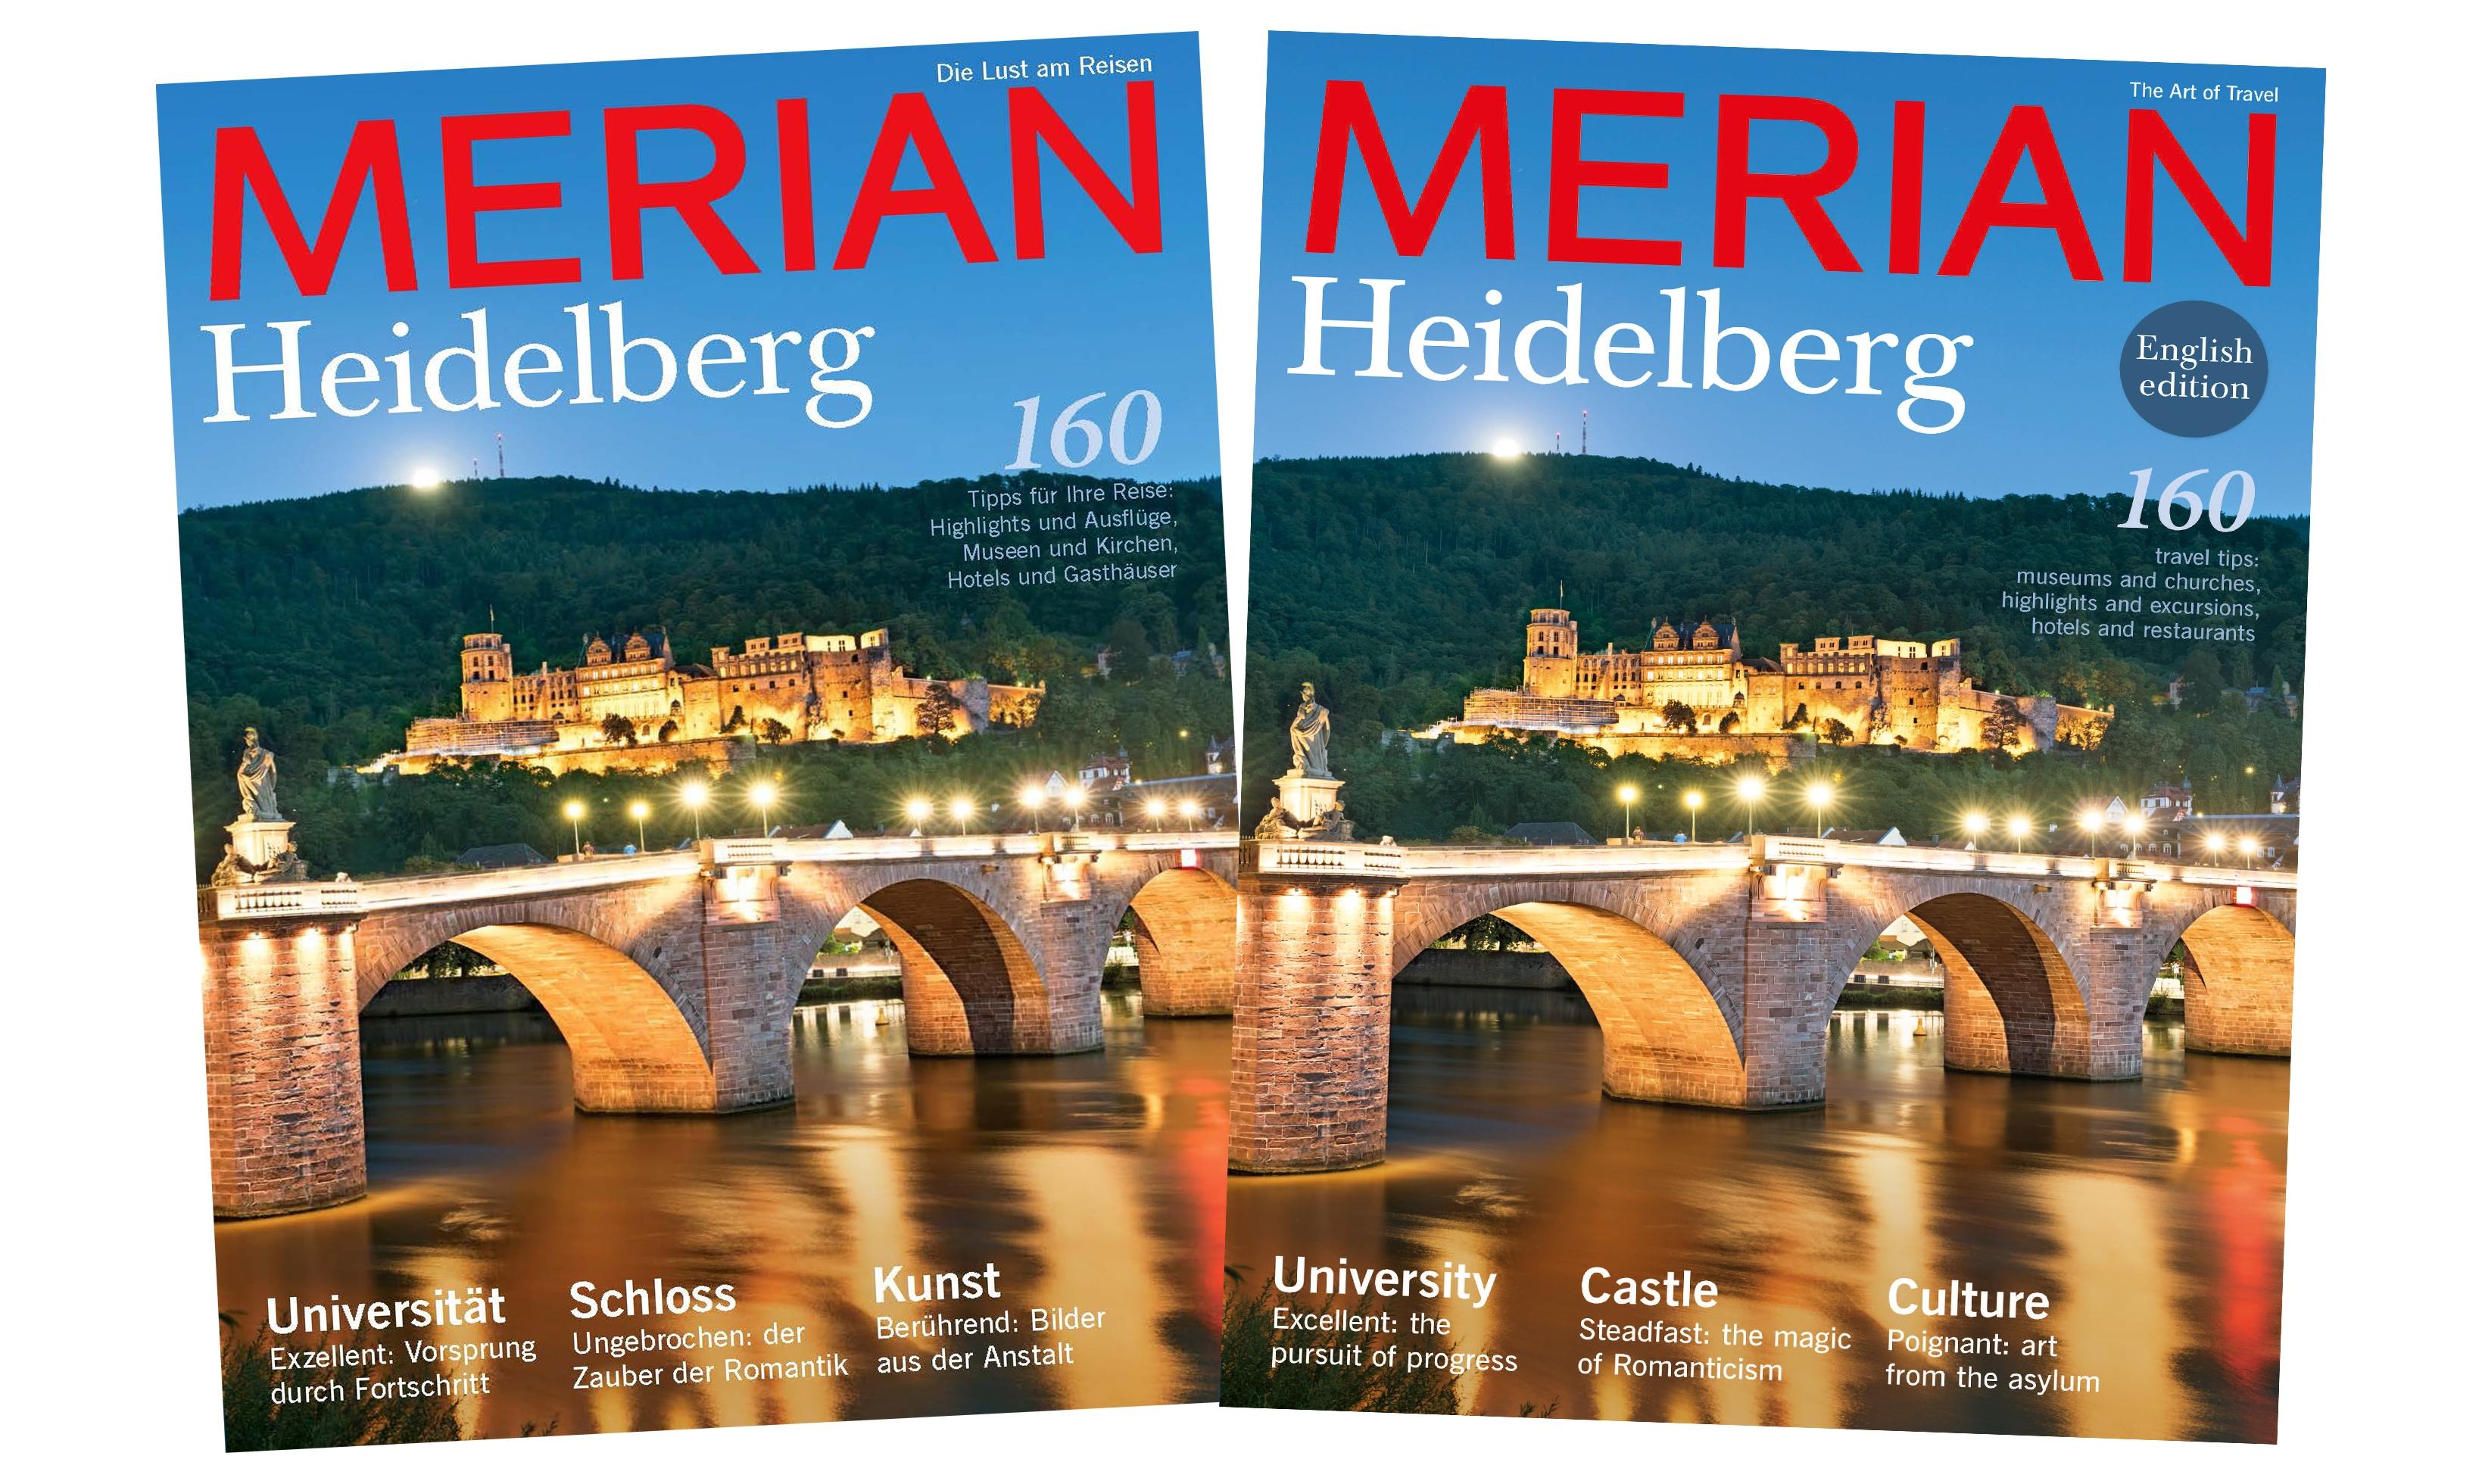 MERIAN-Heidelberg-Deutsch_Englisch